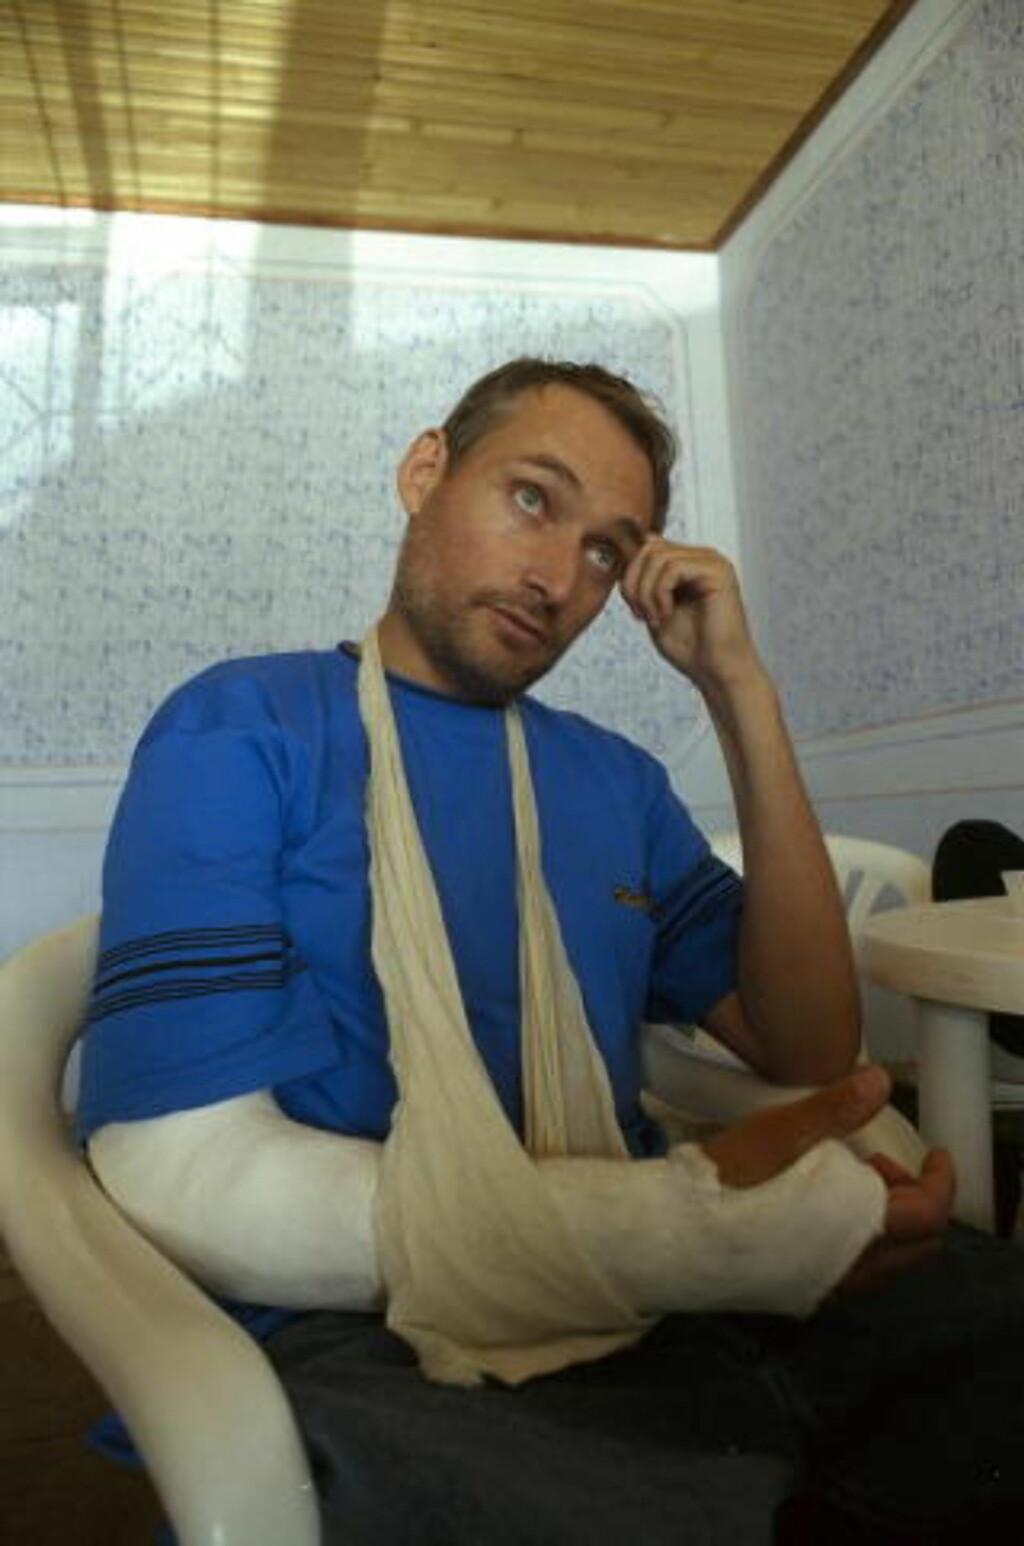 BLE TATT I 1998: Sammen med den kosovoalbanske geriljaen UCK ble Pål Refsdal tatt i et bakholdsangrep av serbiske politistyrker i 1998. Hardt skadet overlevde han angrepet. Foto: Jon Terje Hellgren Hansen